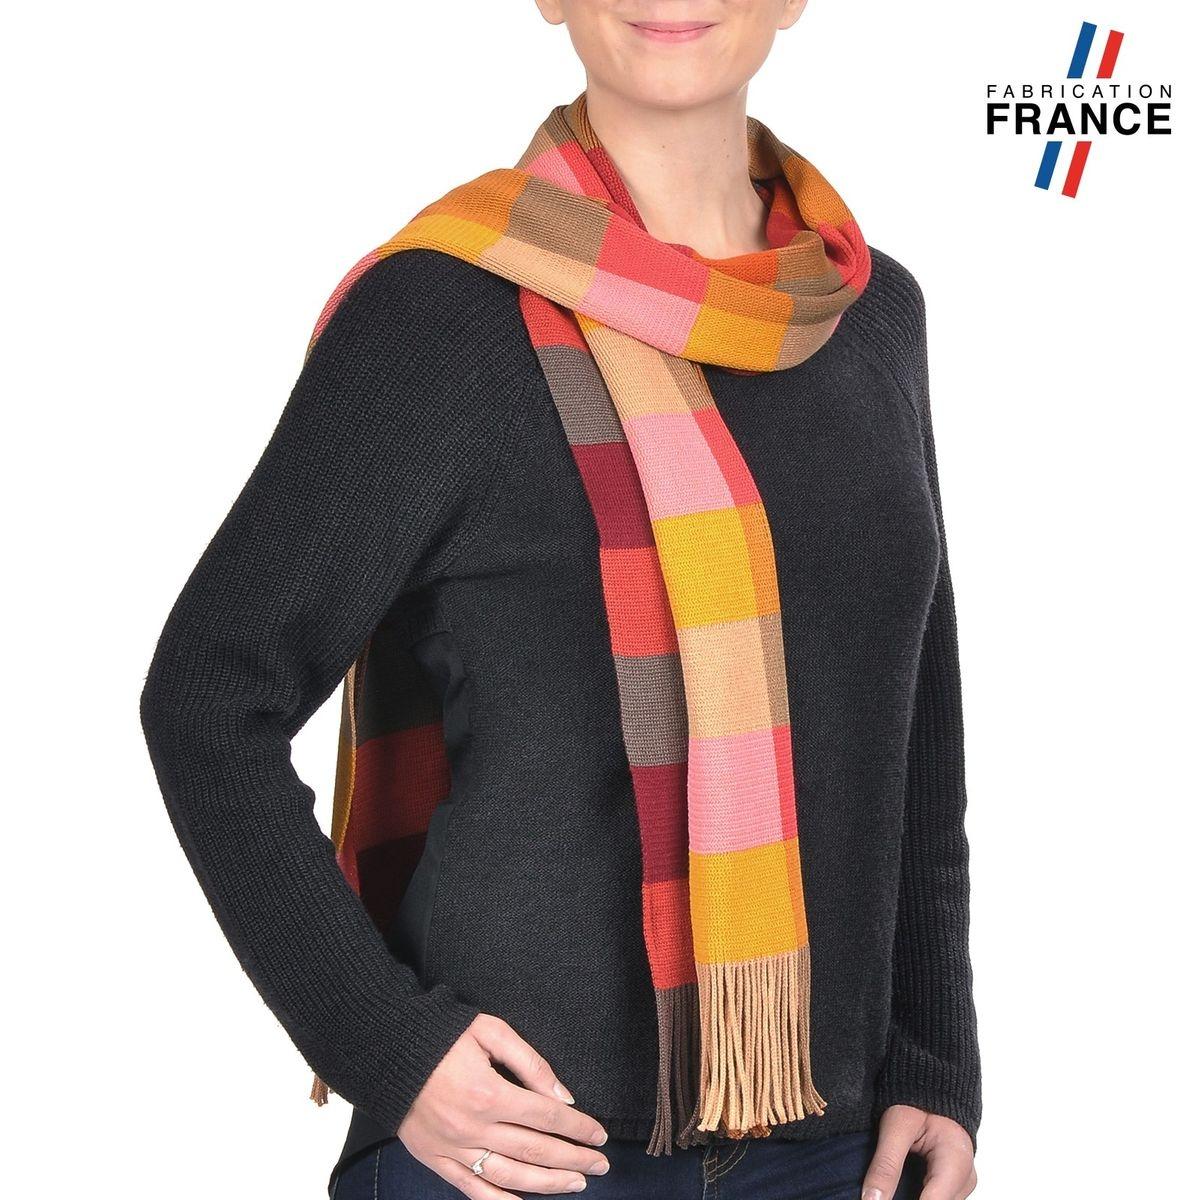 QUALICOQ Echarpe KAROLE Multicolore - Fabriqué en France 974ce41ad15